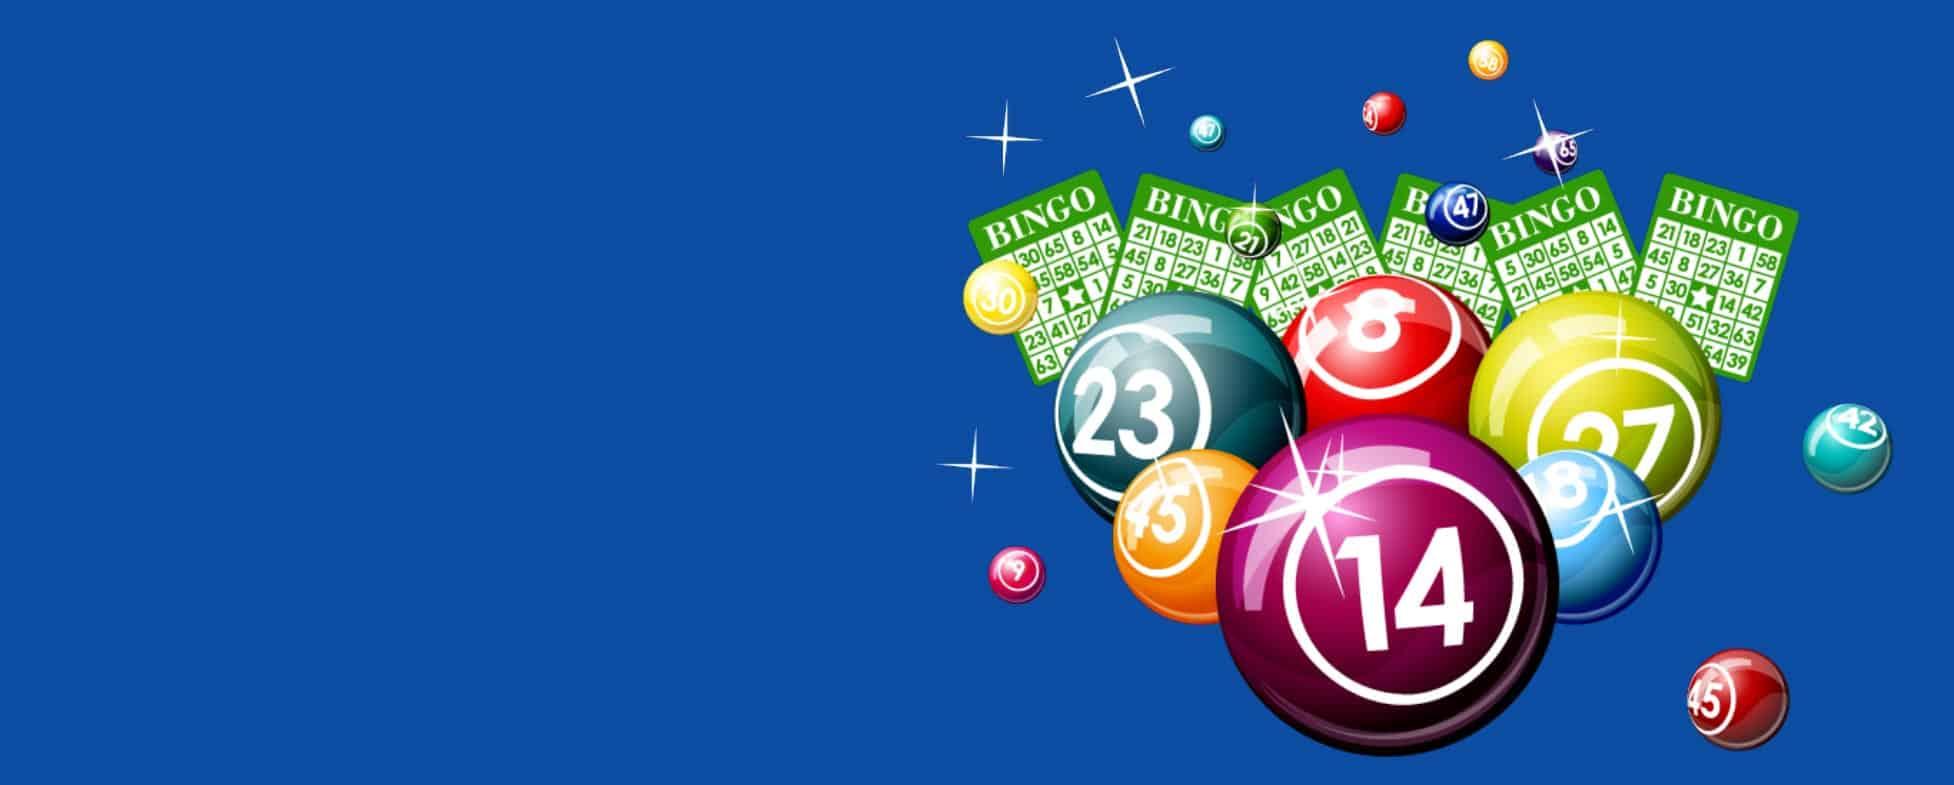 Image of lottery & bingo